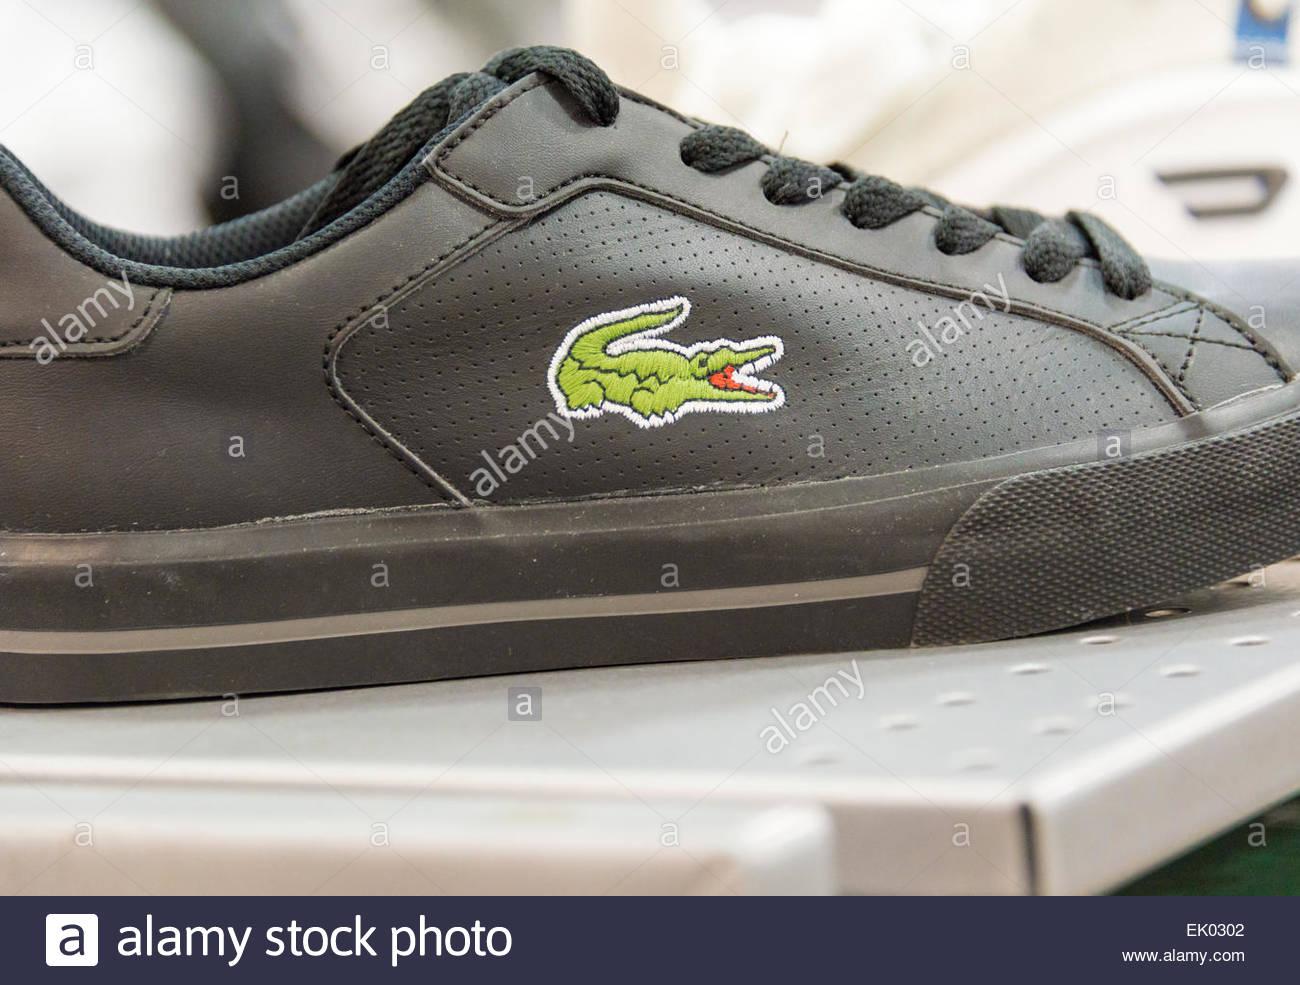 Lacoste scarpa in uno scaffale di un negozio  Lacoste è un abbigliamento  francese azienda fondata 2f1ac1187f8f2